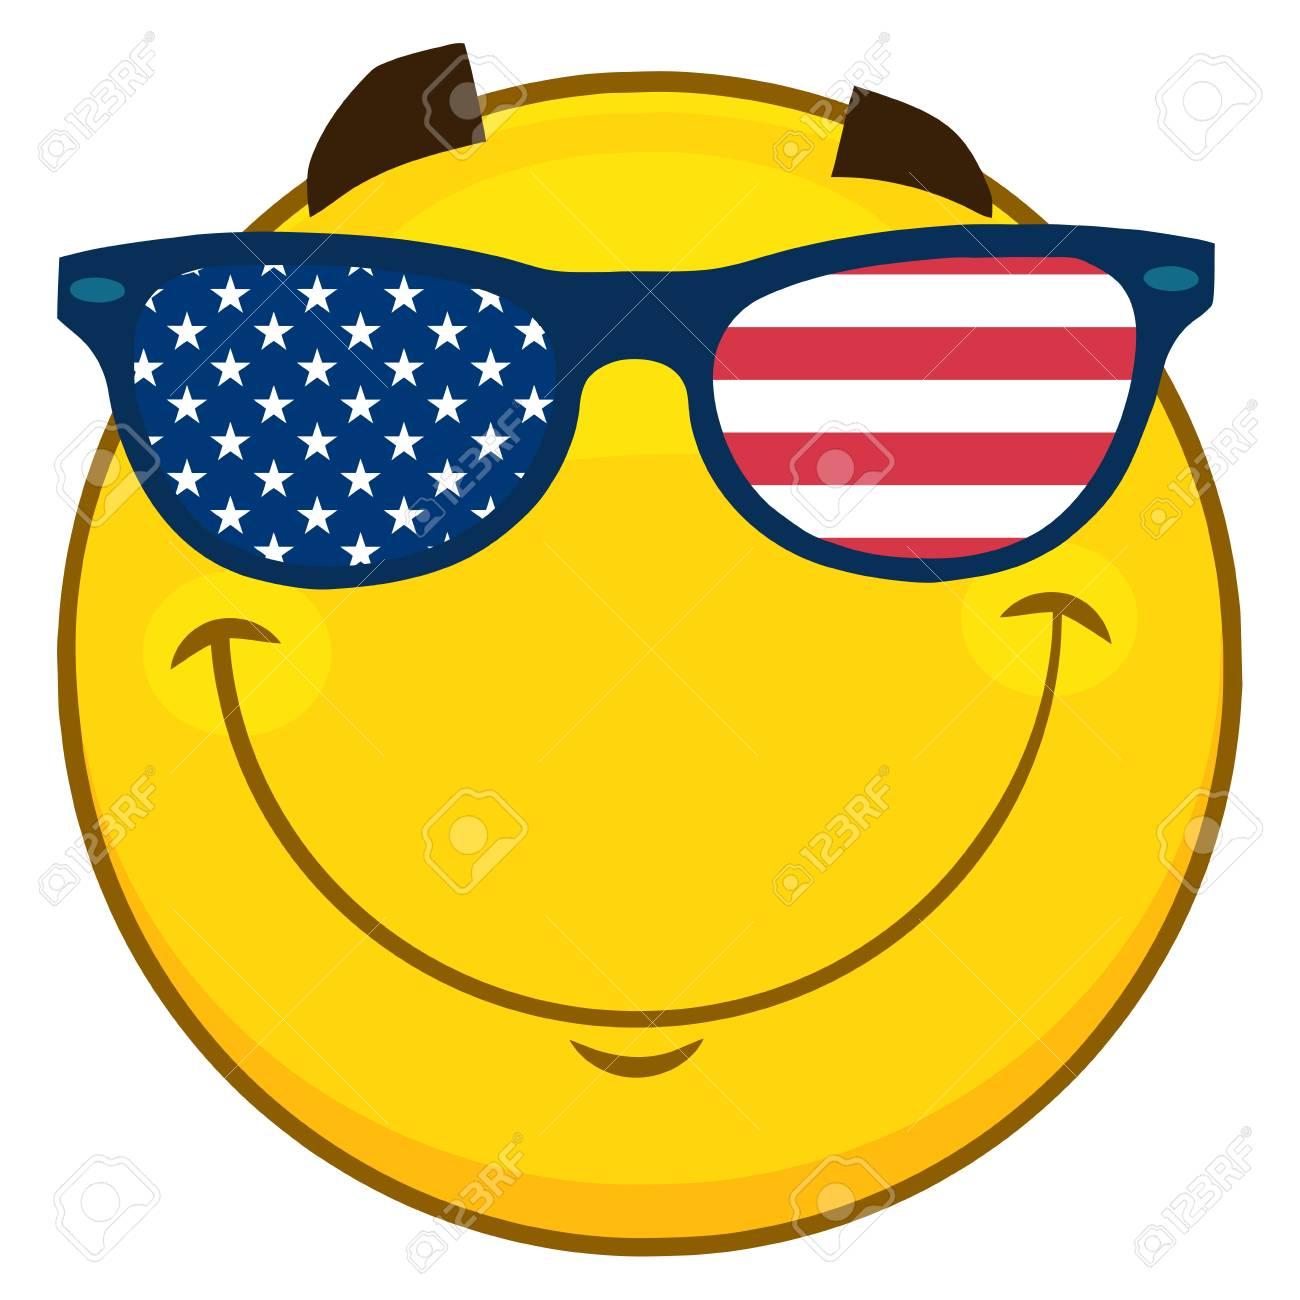 Patriótico Con Emoji Cara Sonriendo Amarillo Caricatura Personaje F1JTclK3